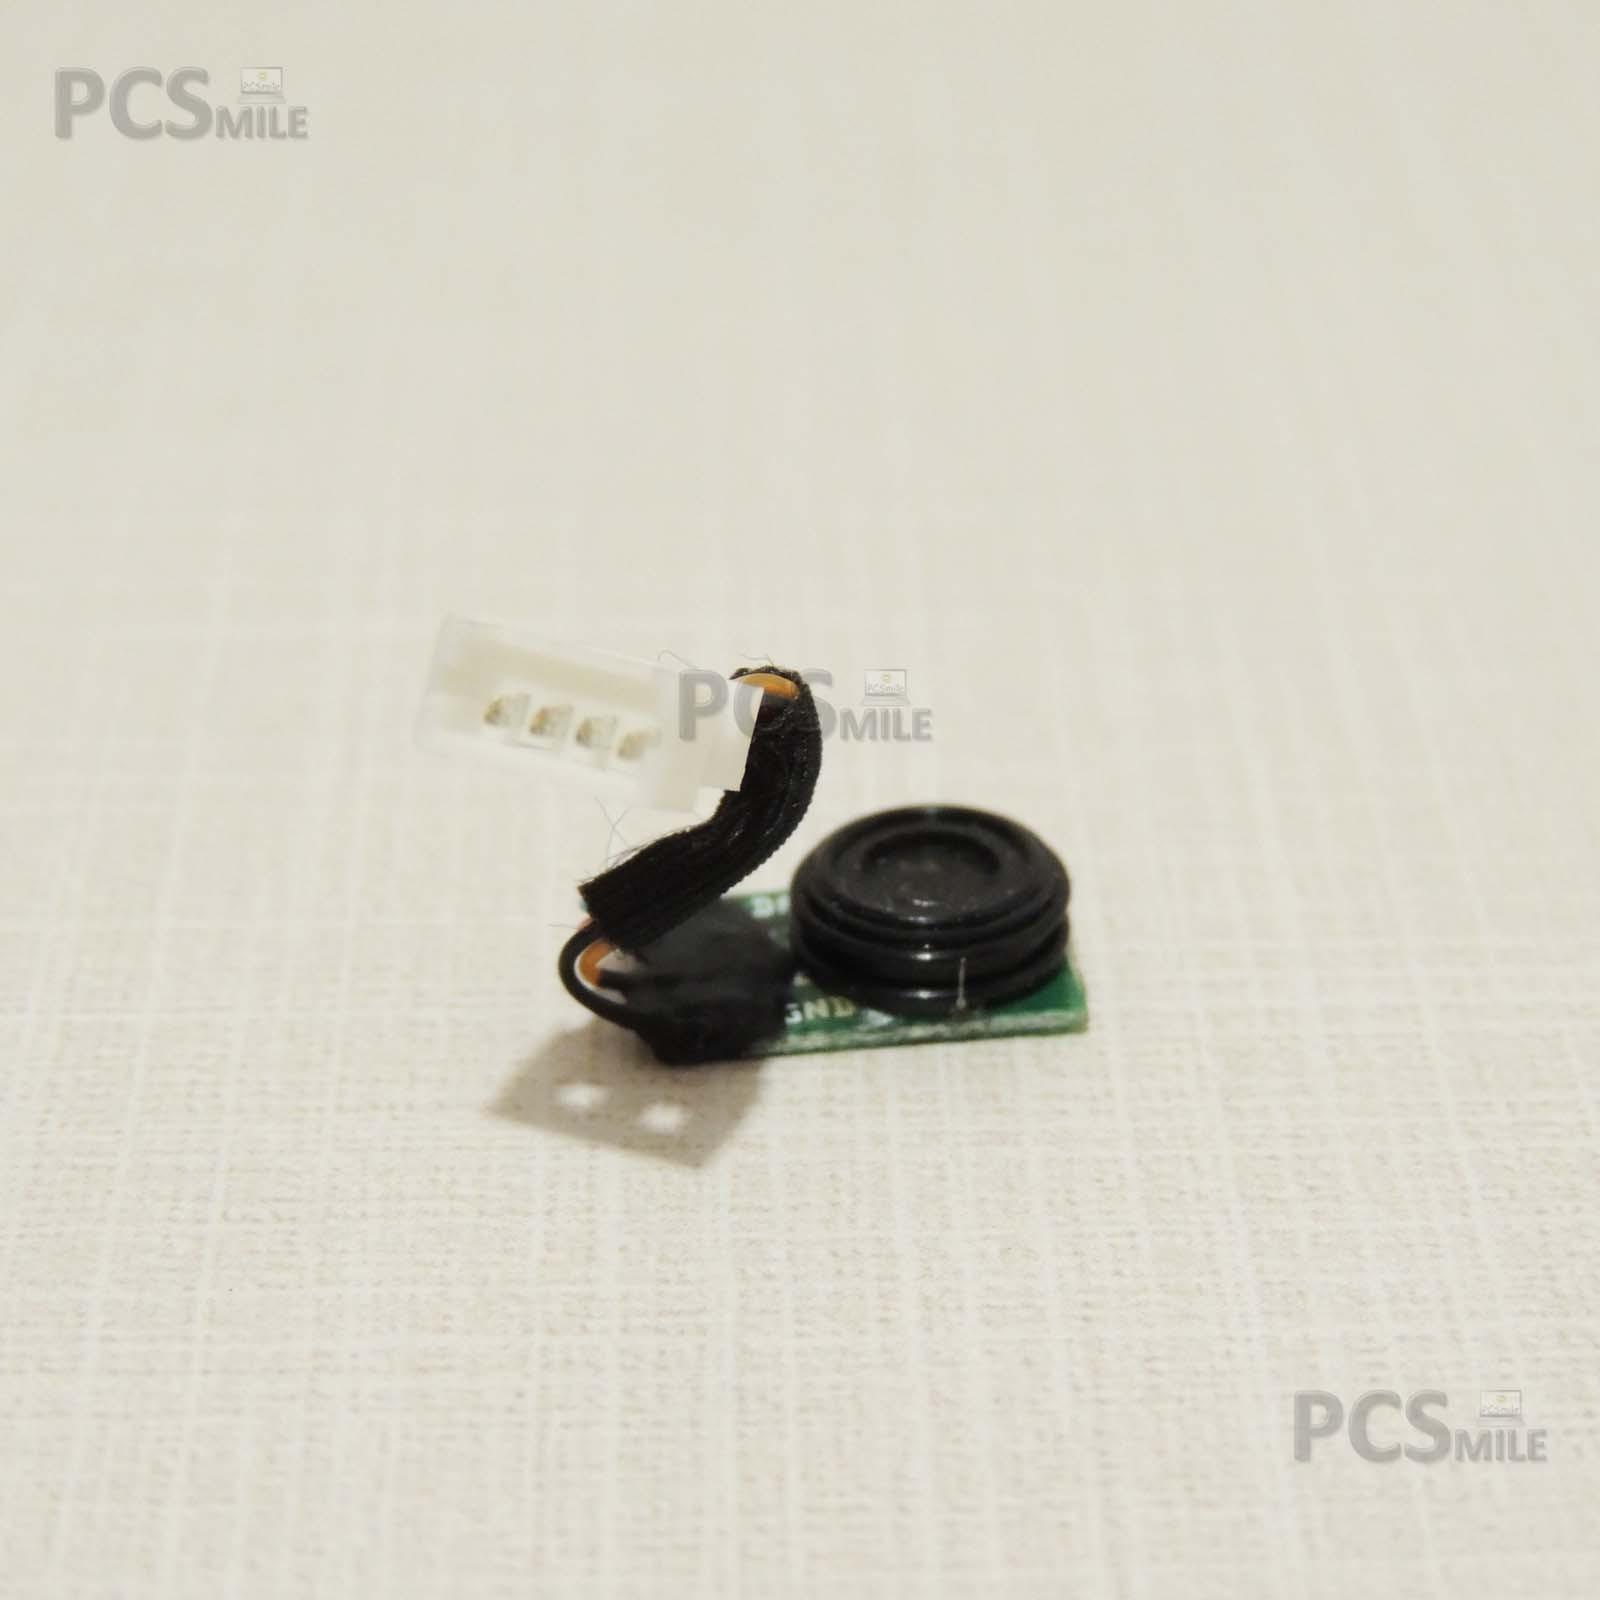 Microfono acer aspire one zg5 1208FM-017-001 Mic interno originale